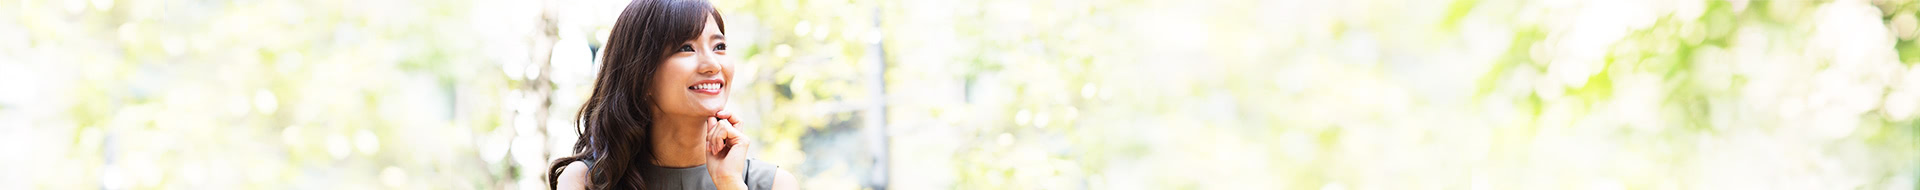 » 12/20 (木) 夜 高年収女子のためのHAPPY投資術のメインビジュアル